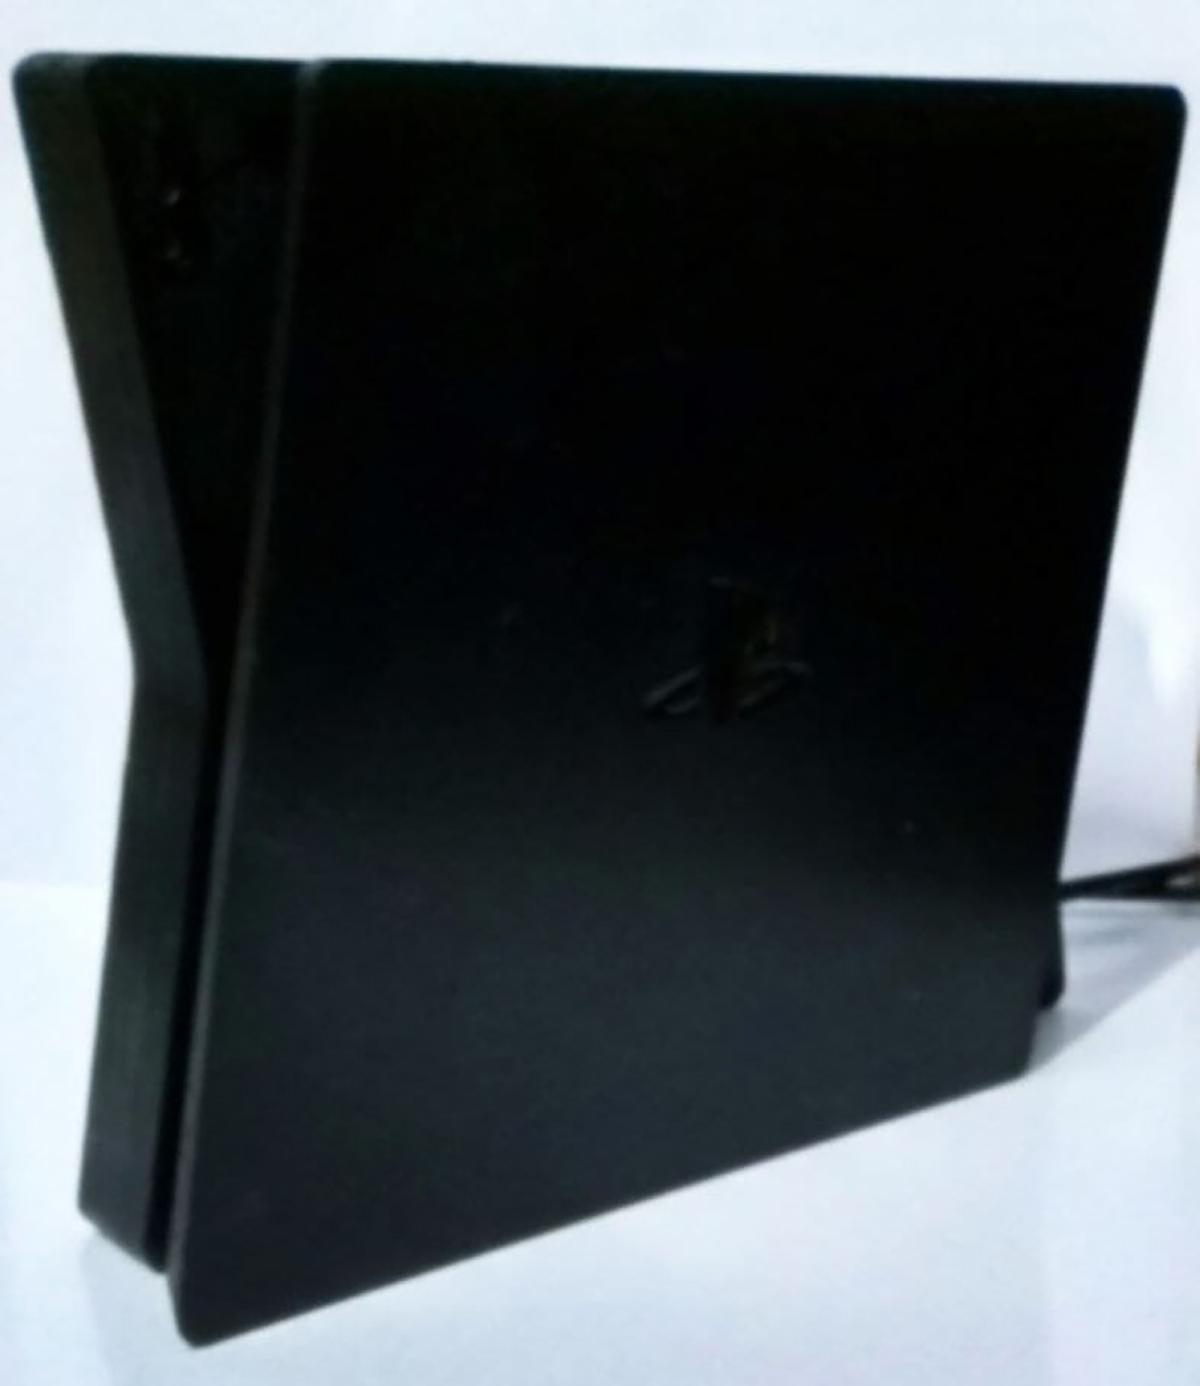 W sieci znalaz³o siê zdjêcie czego¶, co mo¿e byæ prawdziwym PlayStation 5